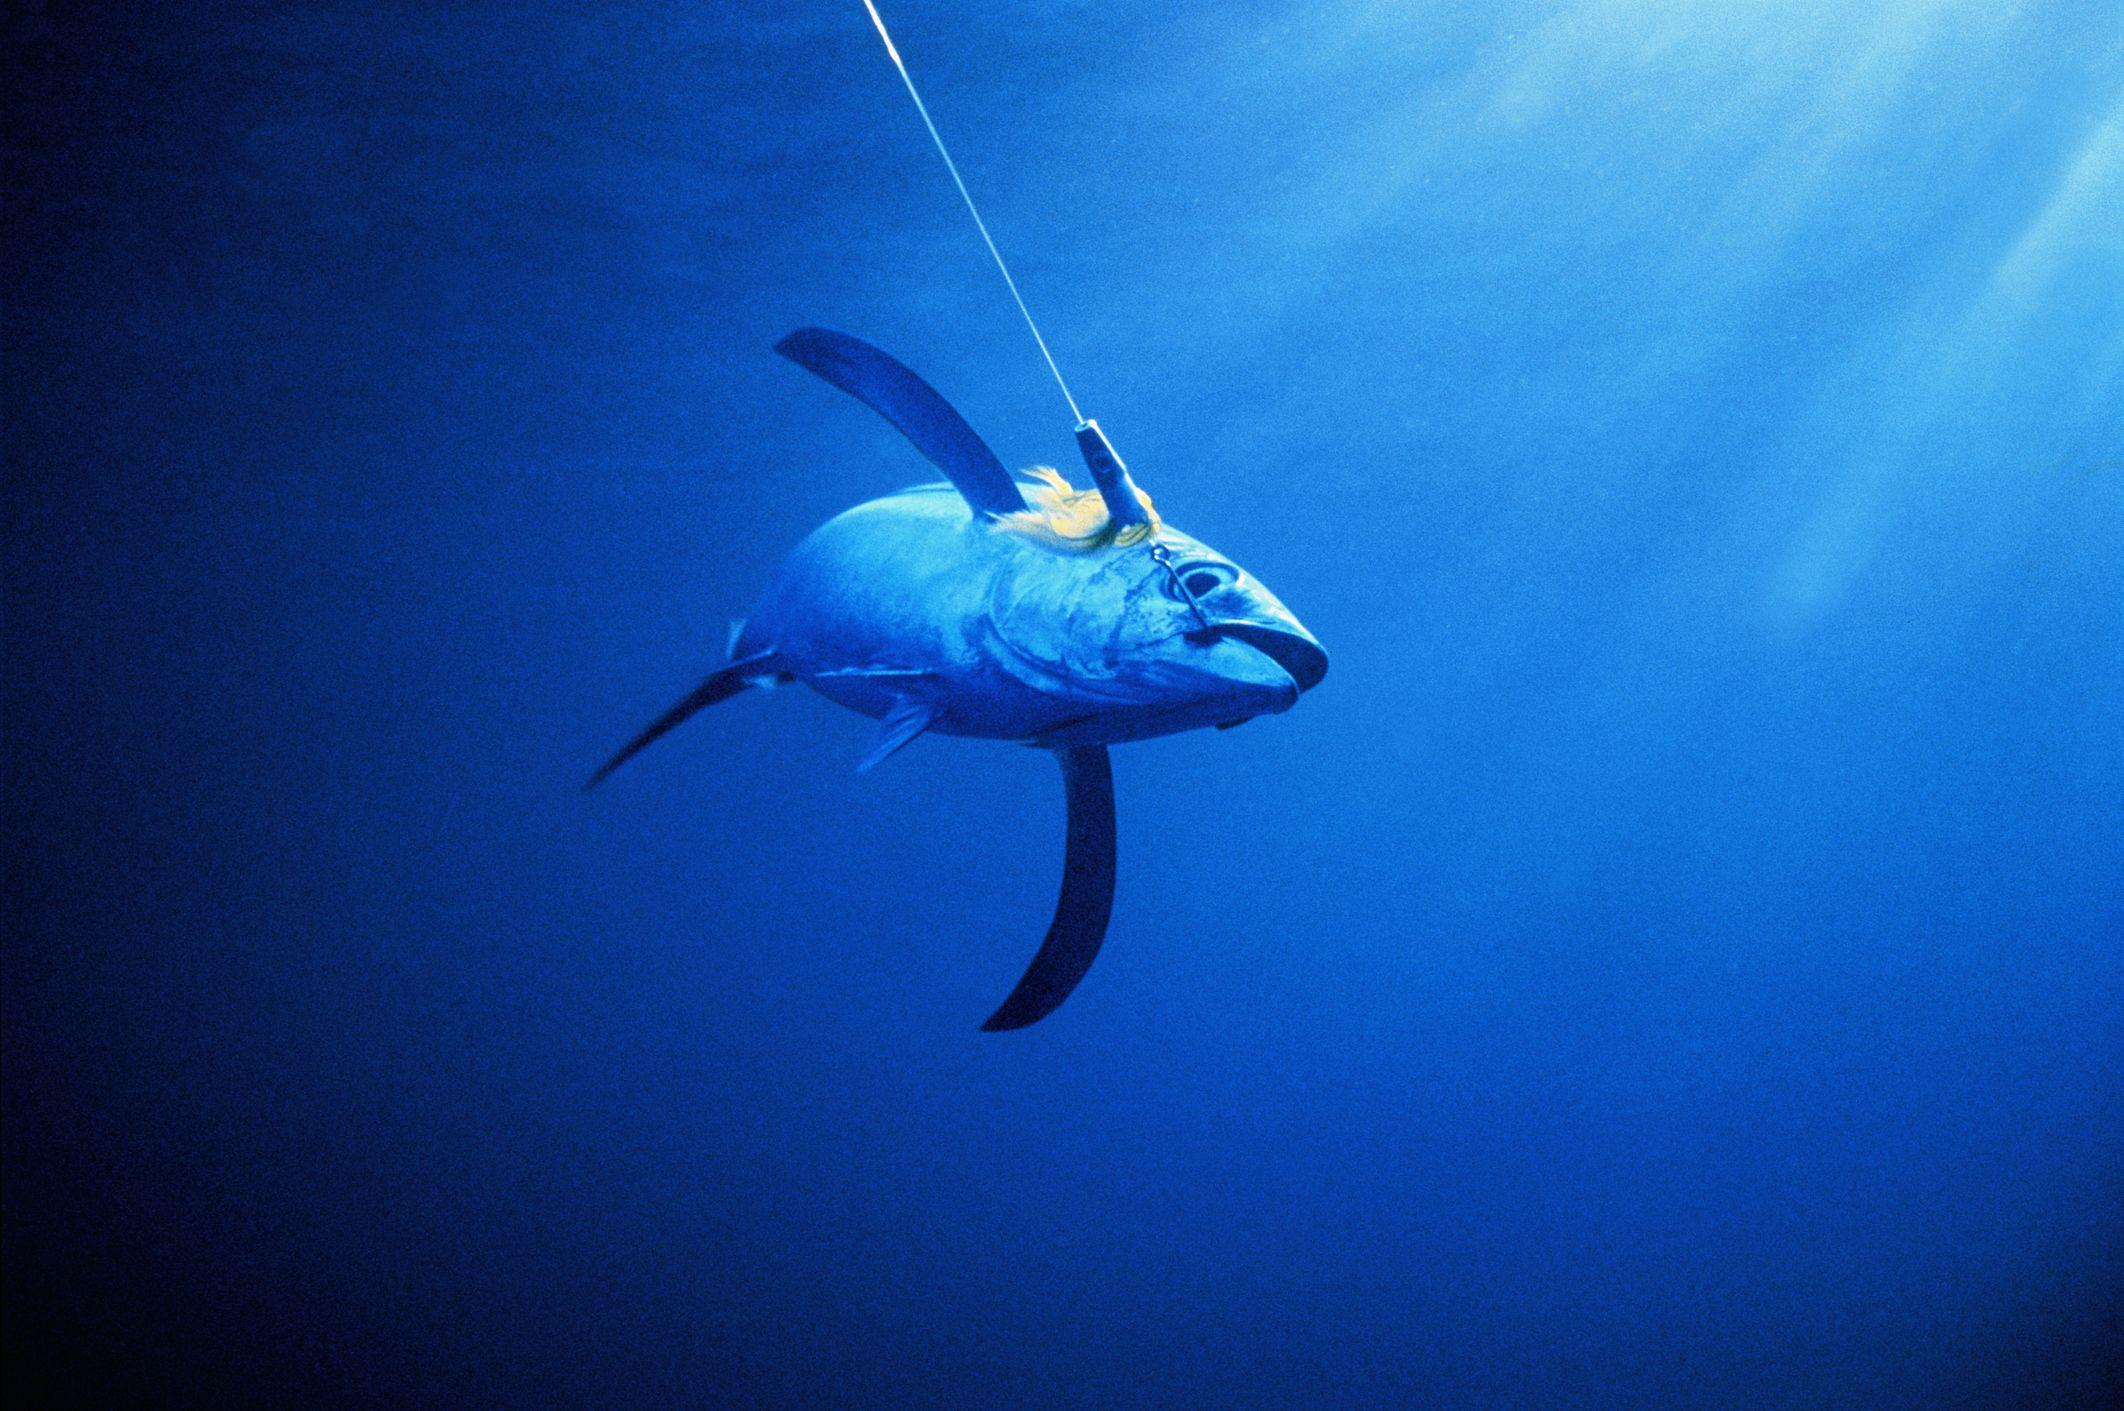 Albacore tuna caught by fishing hook,Bay of Plenty,New Zealand